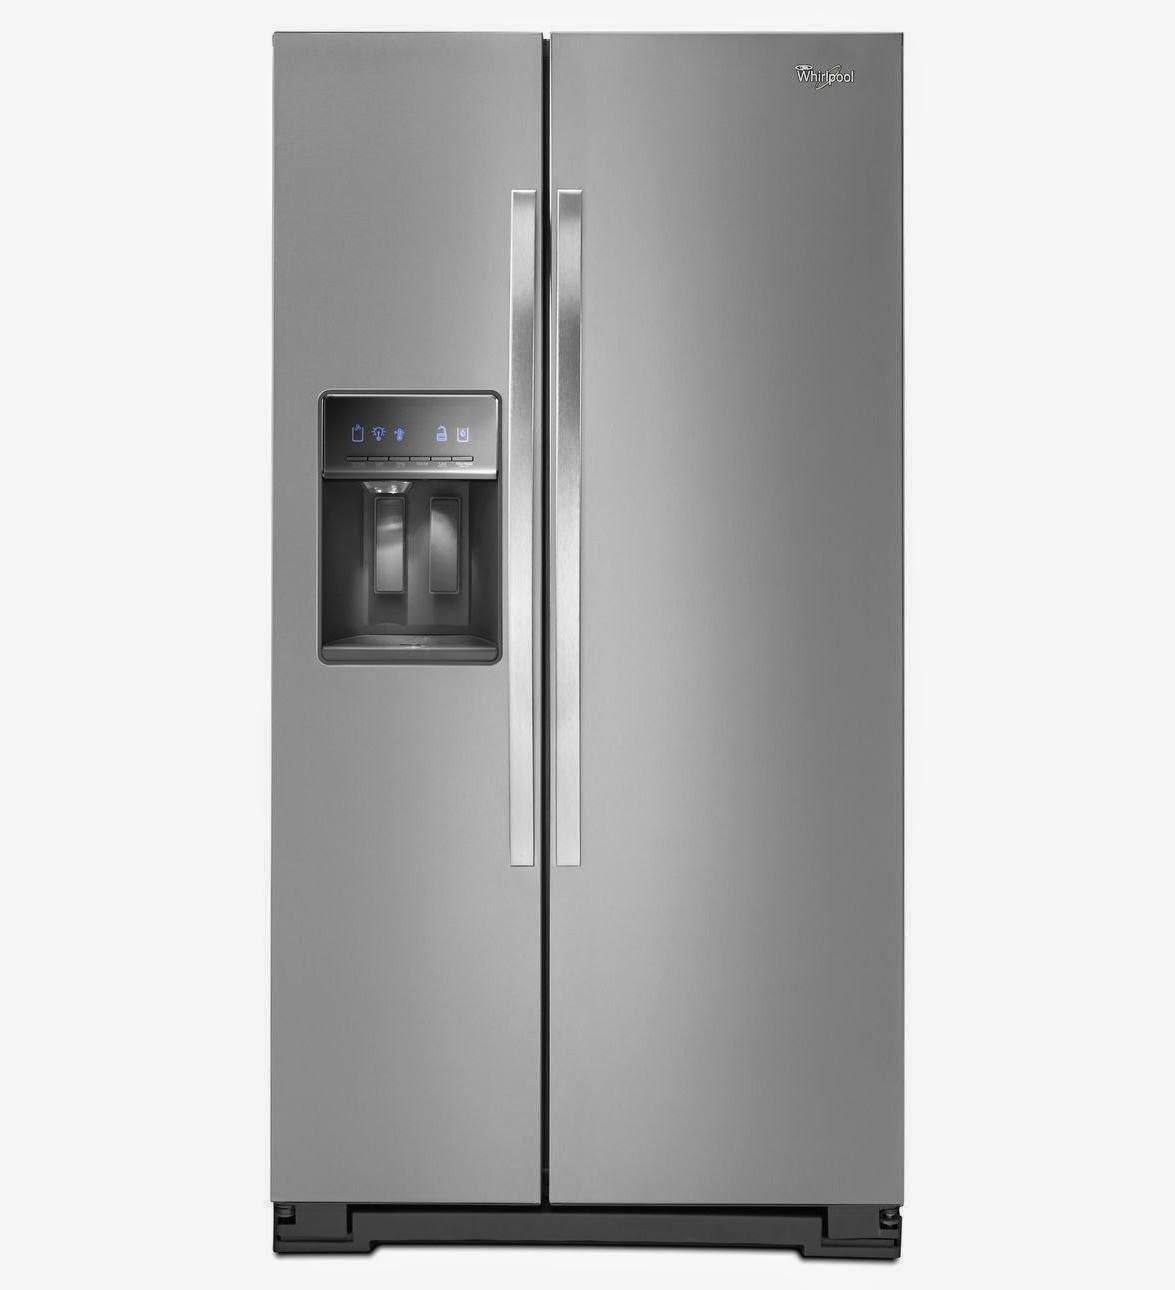 Whirlpool French Door Counter Depth Refrigerator: Whirlpool Refrigerators: Whirlpool Counter Depth Refrigerators